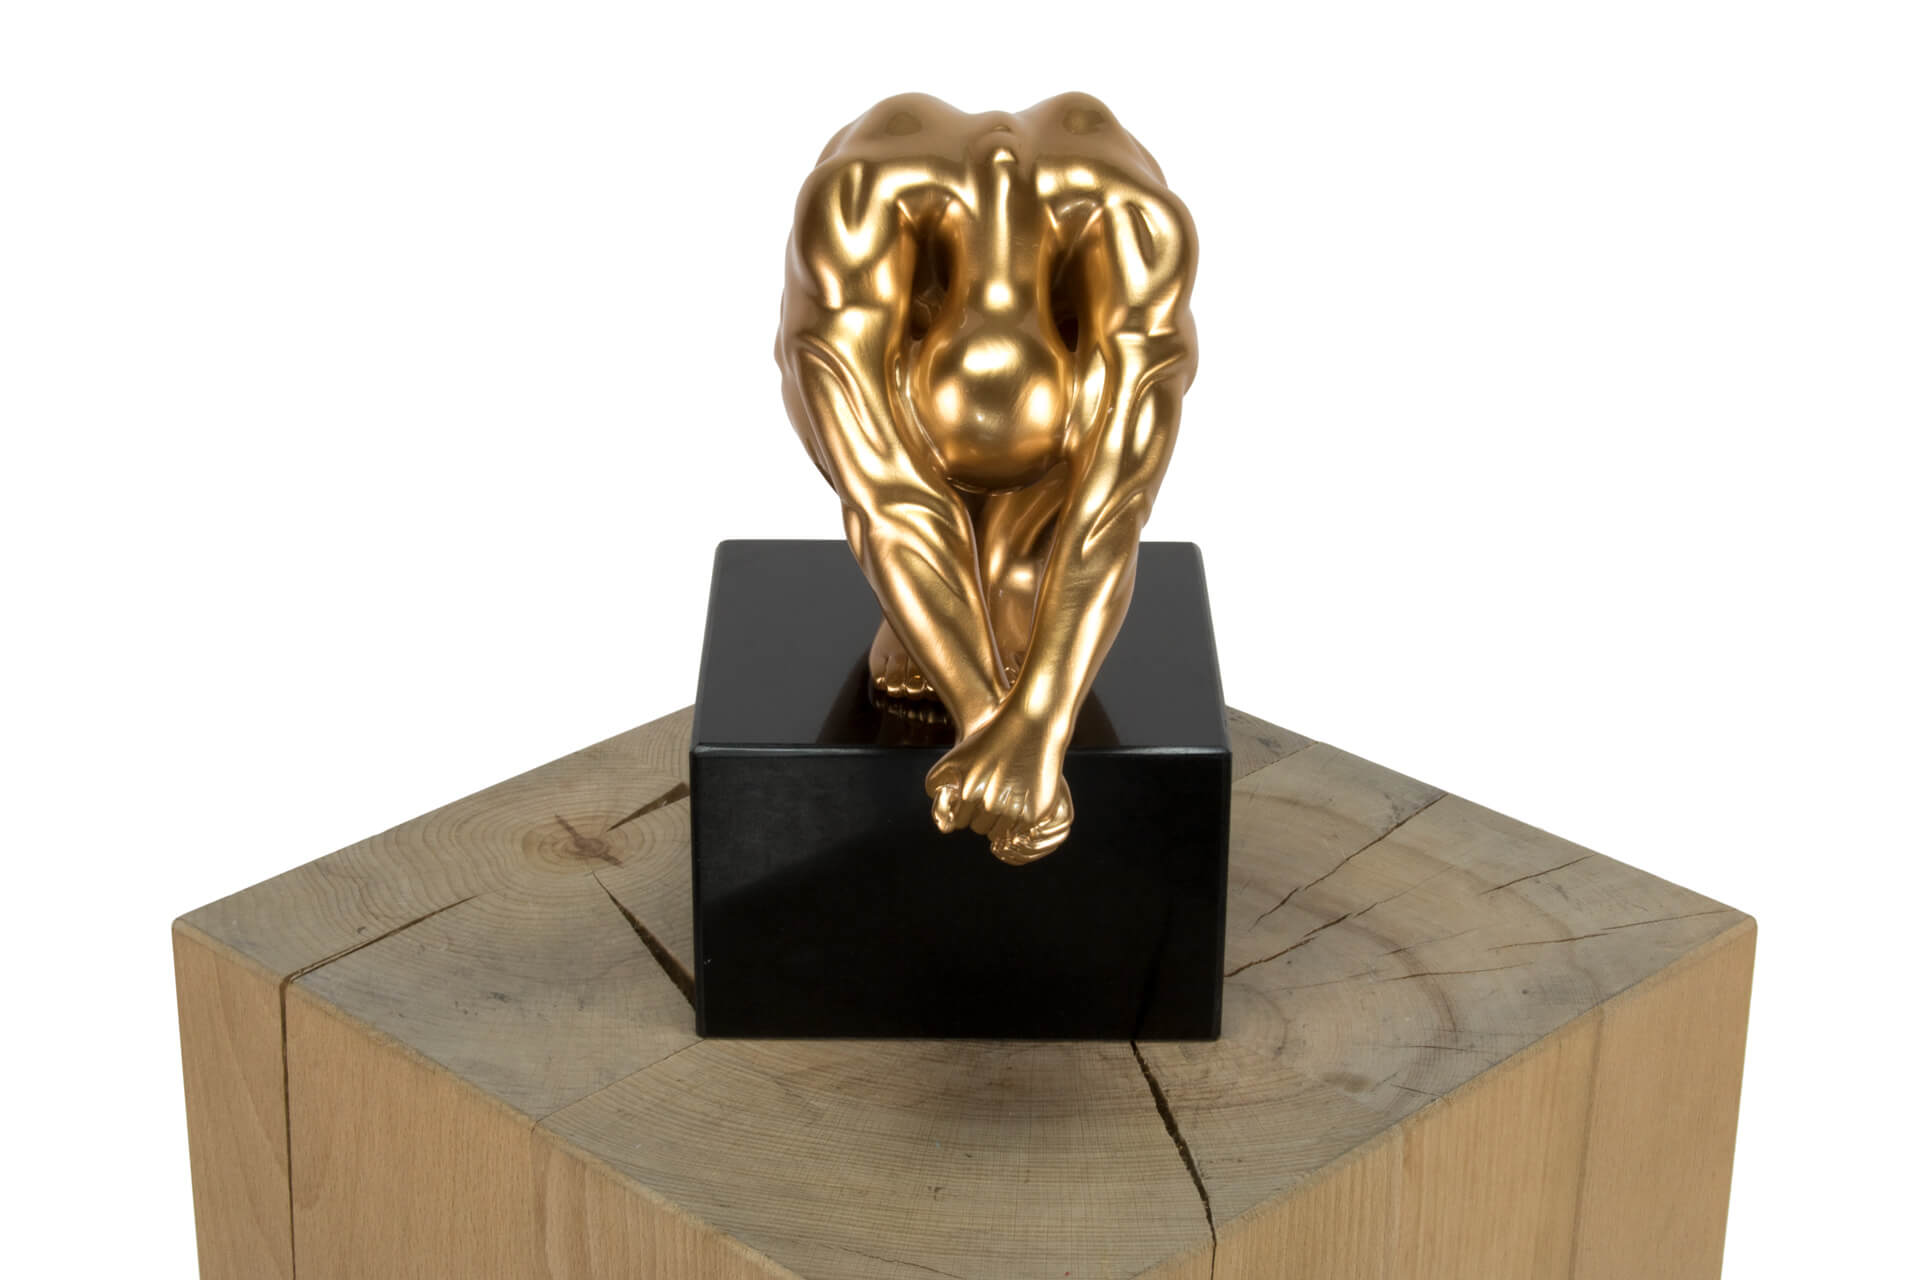 KL figur mann deko gold schwarz skulptur statue aus stein figur plastik 01